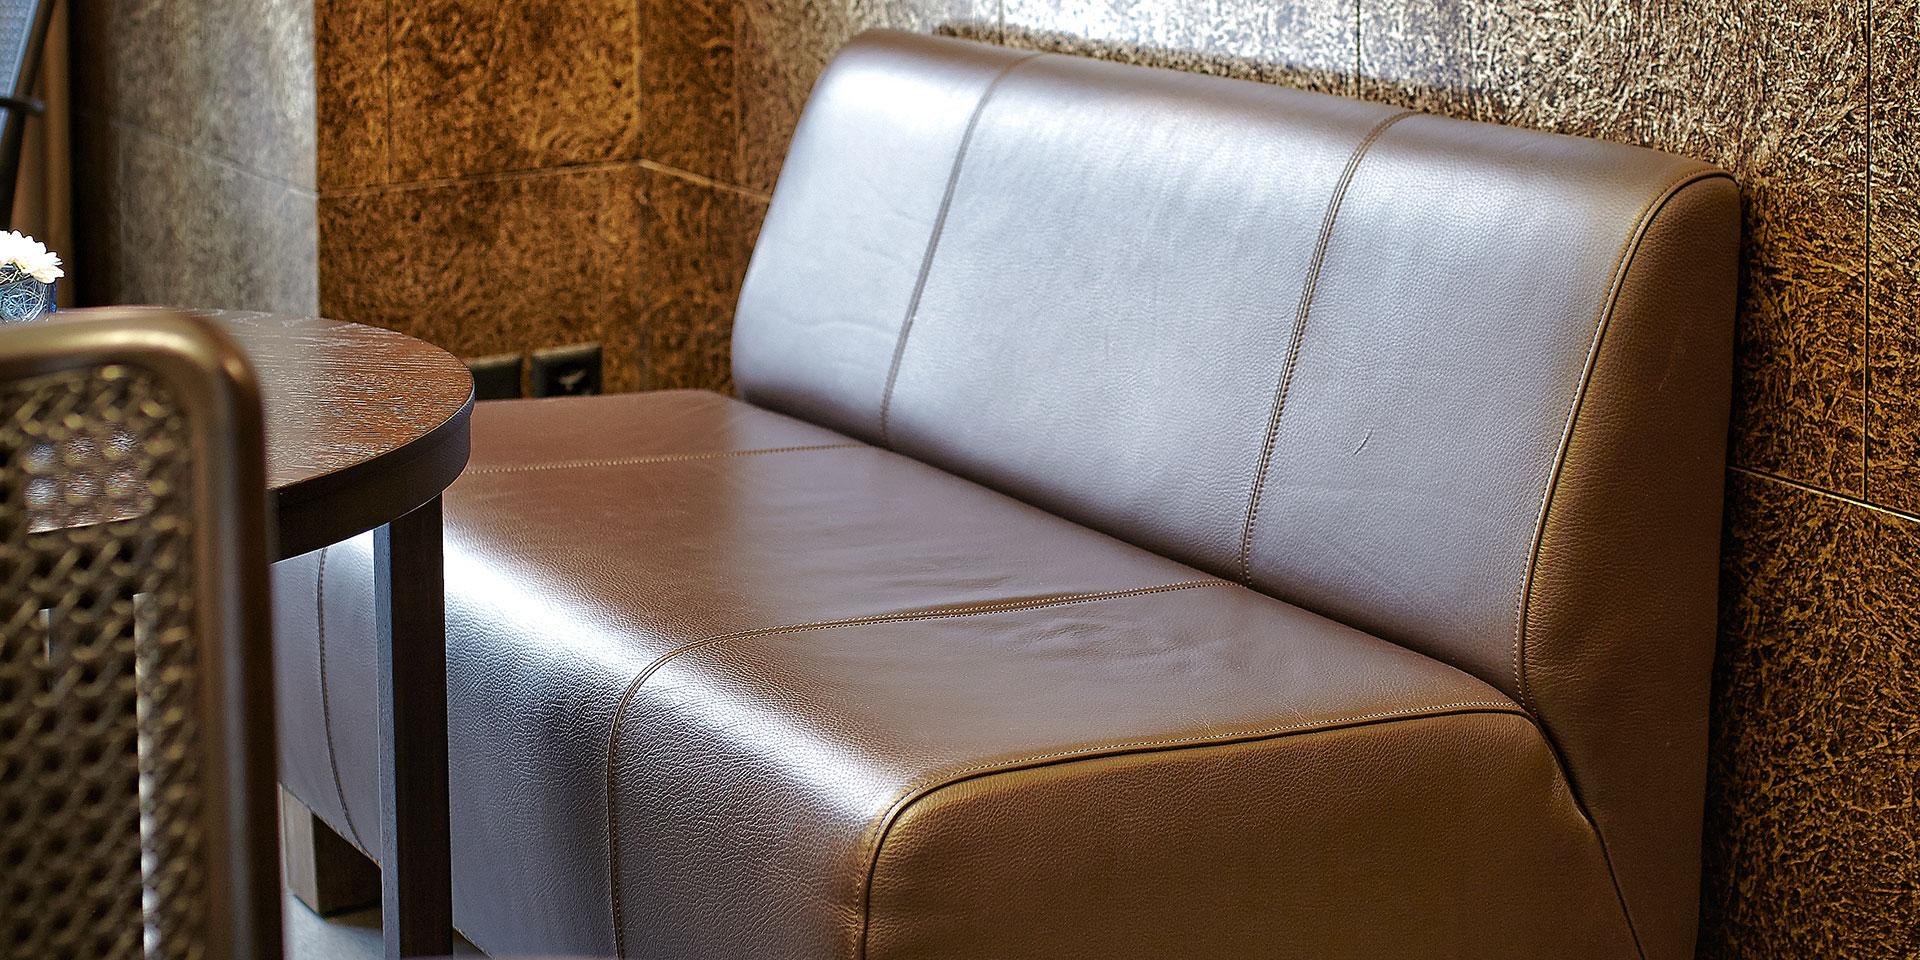 polster factory d pp m belbezug polstergruppe neu beziehen polsterm bel polsterei d pp. Black Bedroom Furniture Sets. Home Design Ideas